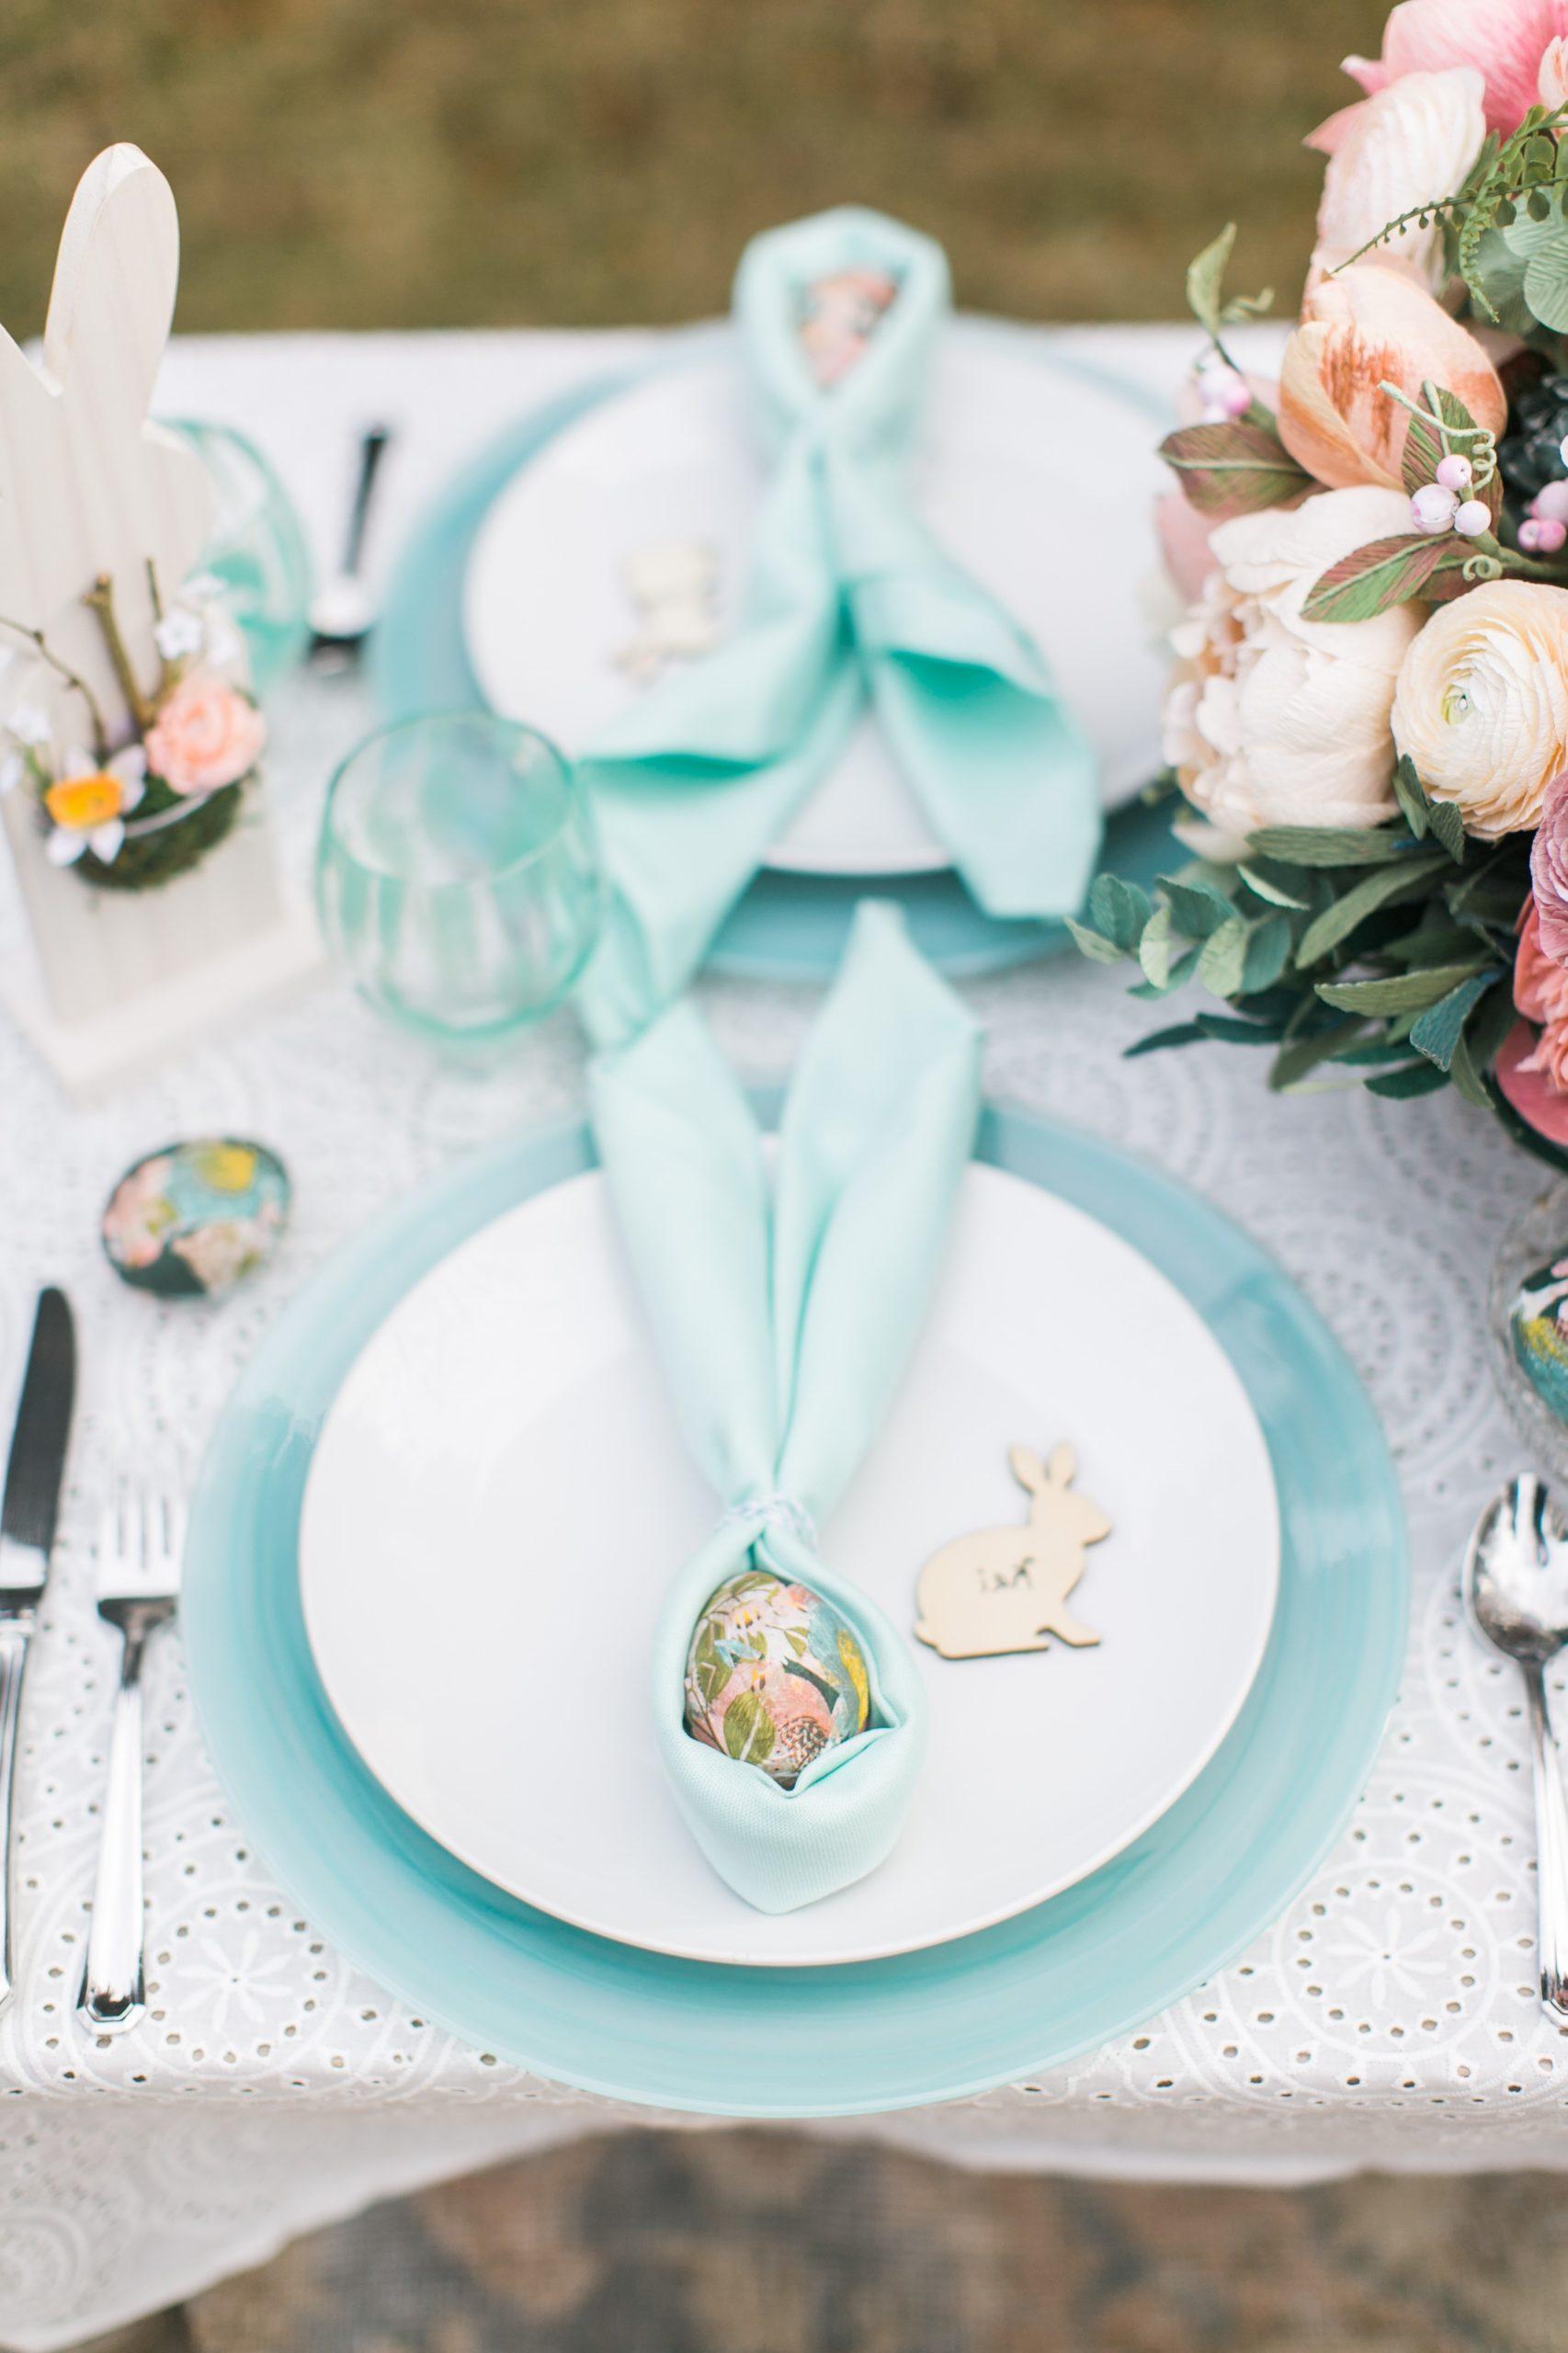 Décoration de table festive.